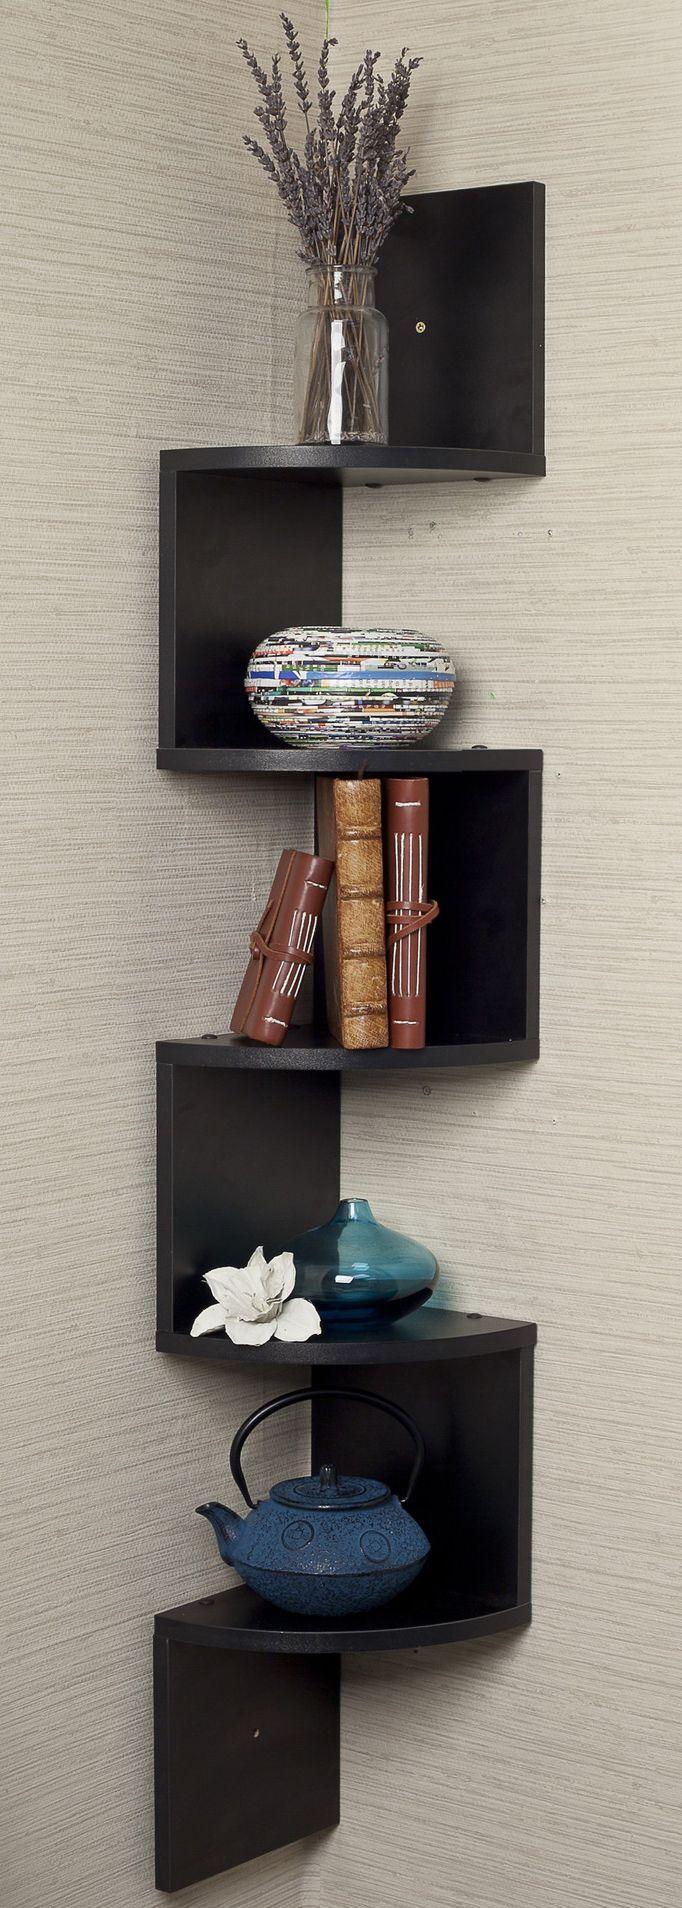 black corner zig zag wall shelf house stuff bedroom. Black Bedroom Furniture Sets. Home Design Ideas